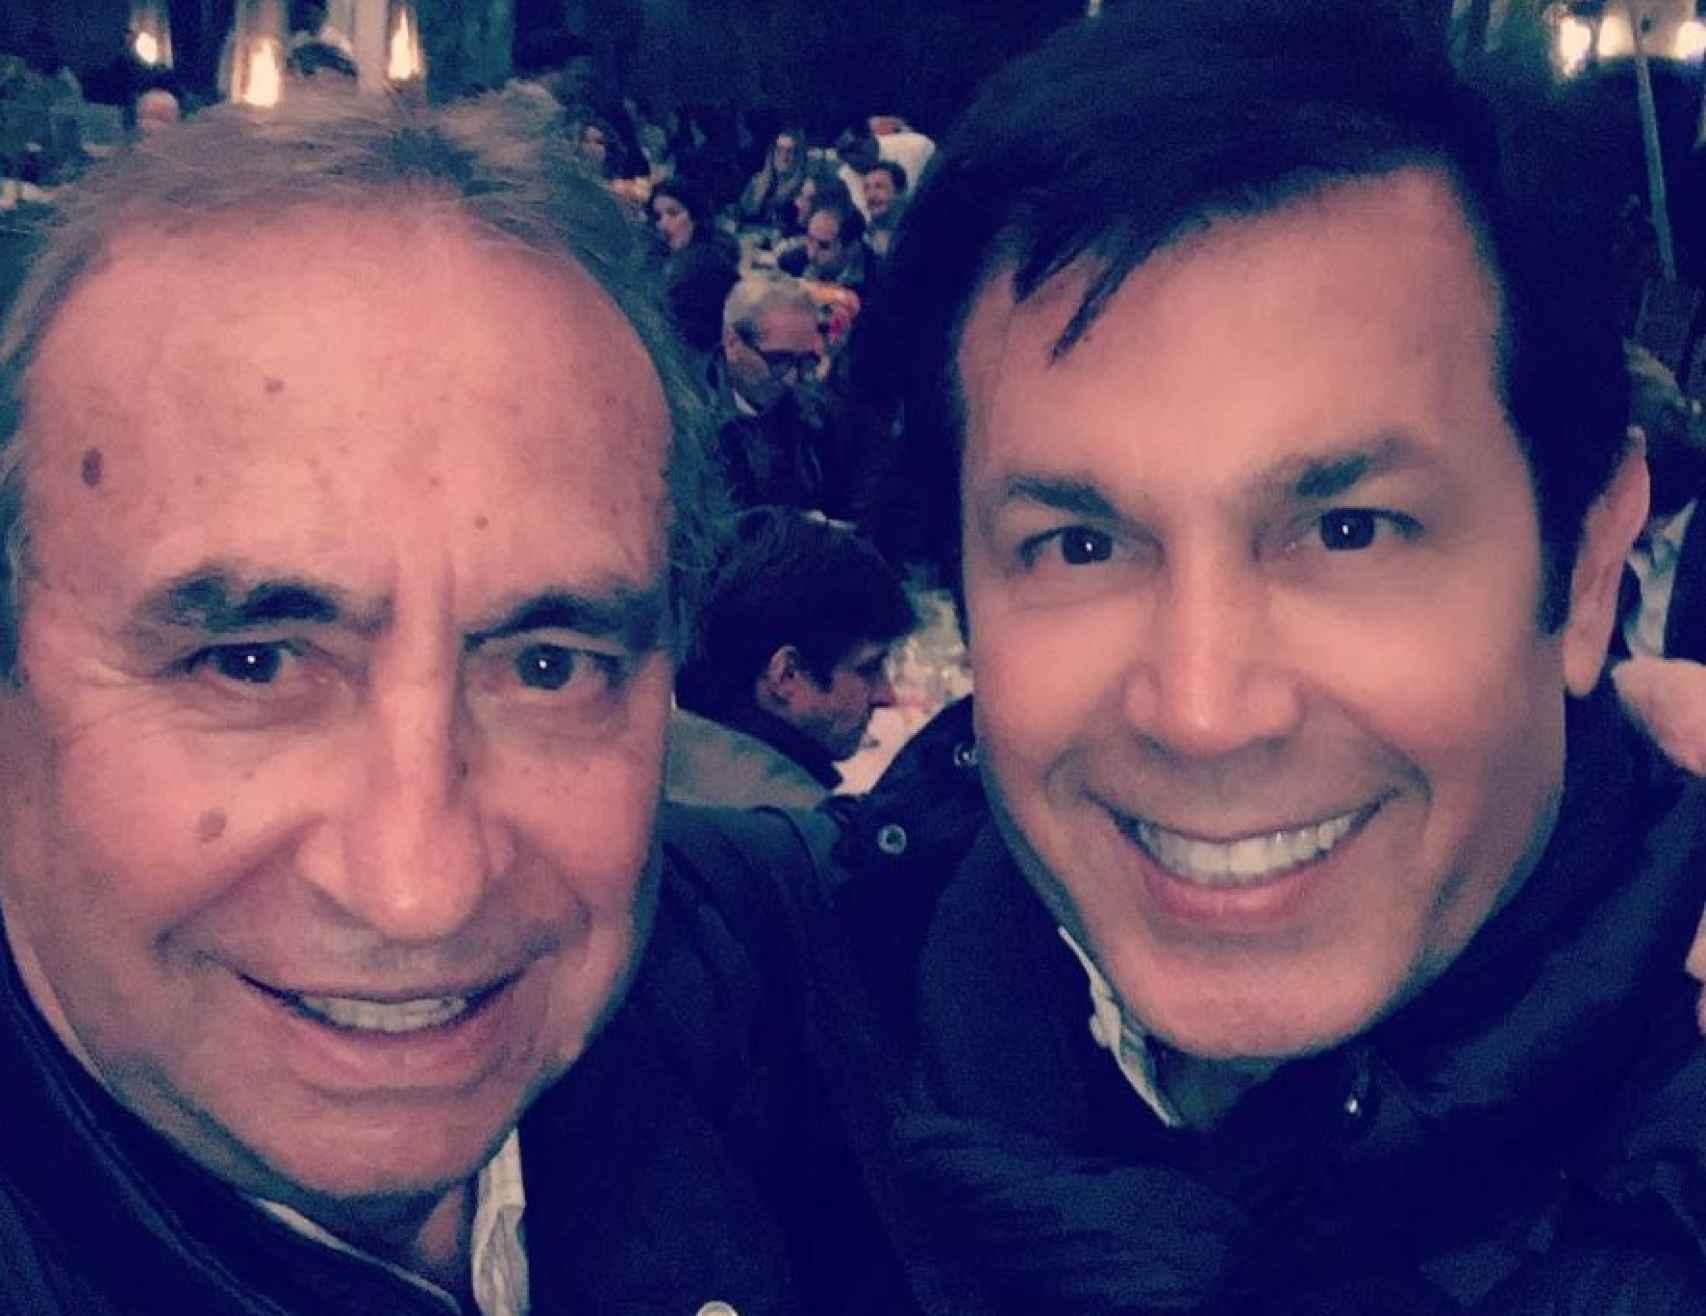 El empresario Pedro Trapote con el productor Sierralta. Tras ellos se puede ver a El Juli